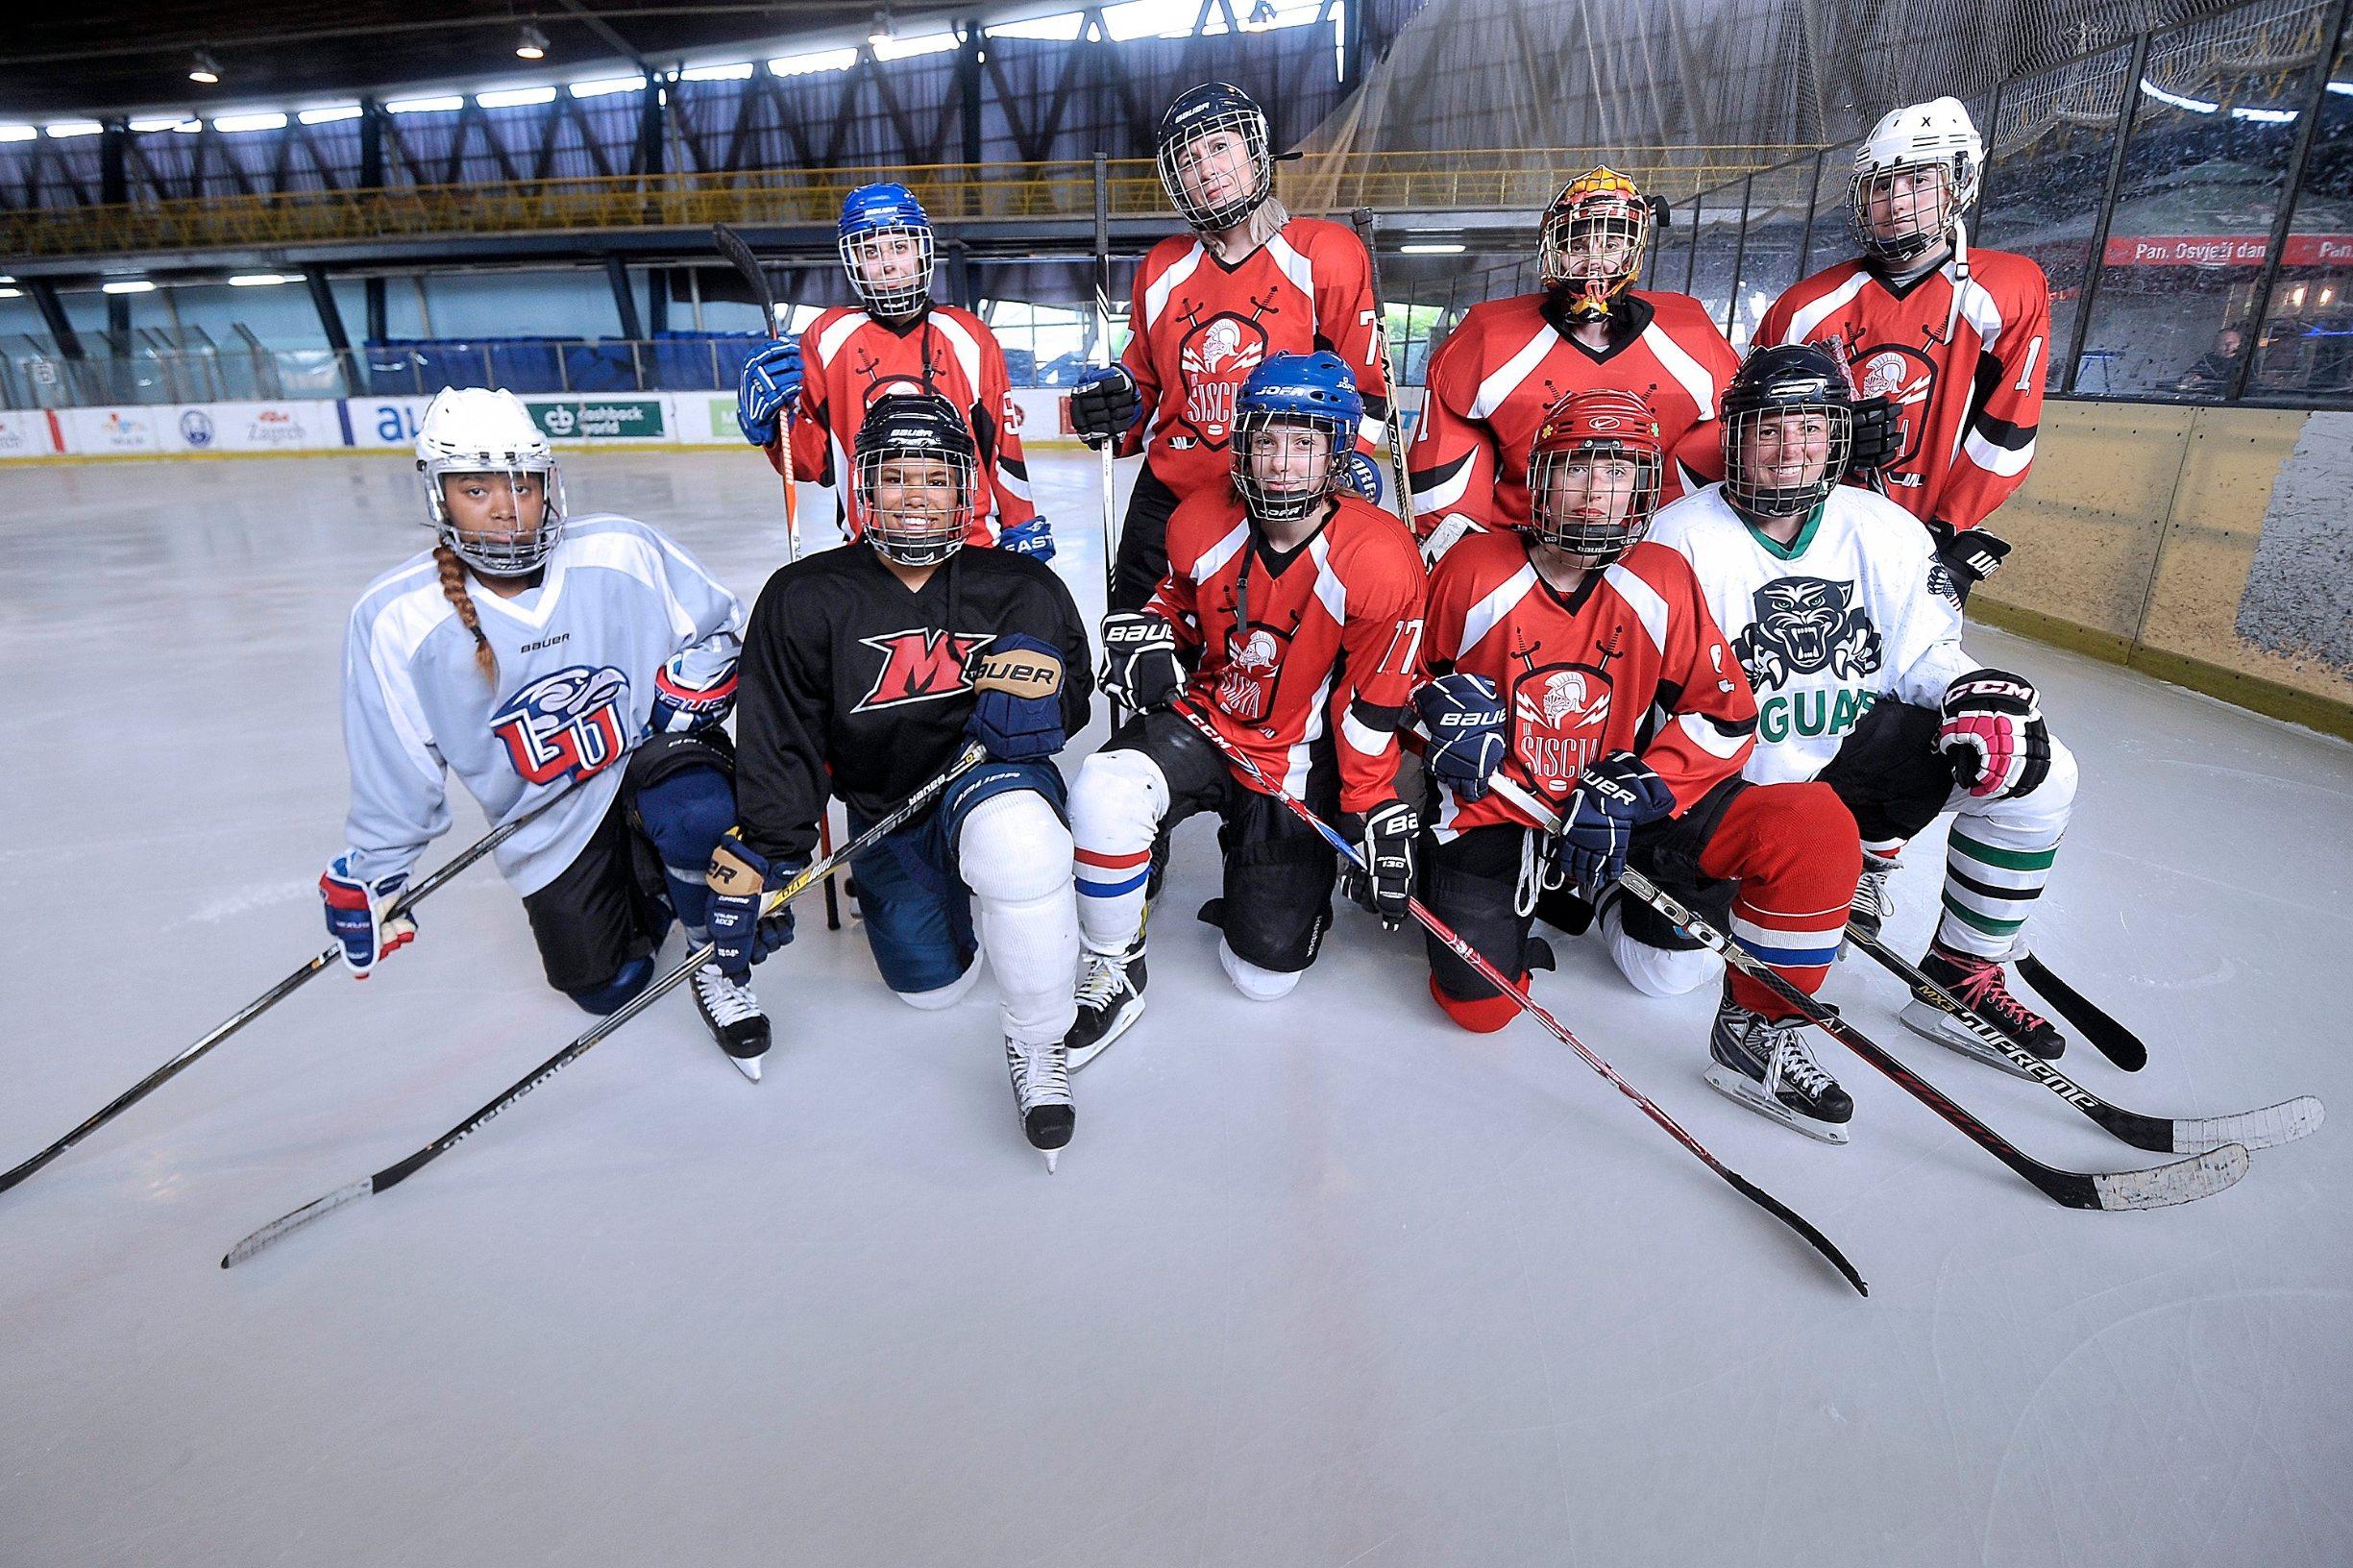 Zagreb, 230519. Klizaliste Velesajam. Hokejasice hokejaskog kluba Sisak. Na fotografiji:  Siscanke sa kolegicama izt Amerike. Foto: Damir Krajac / CROPIX